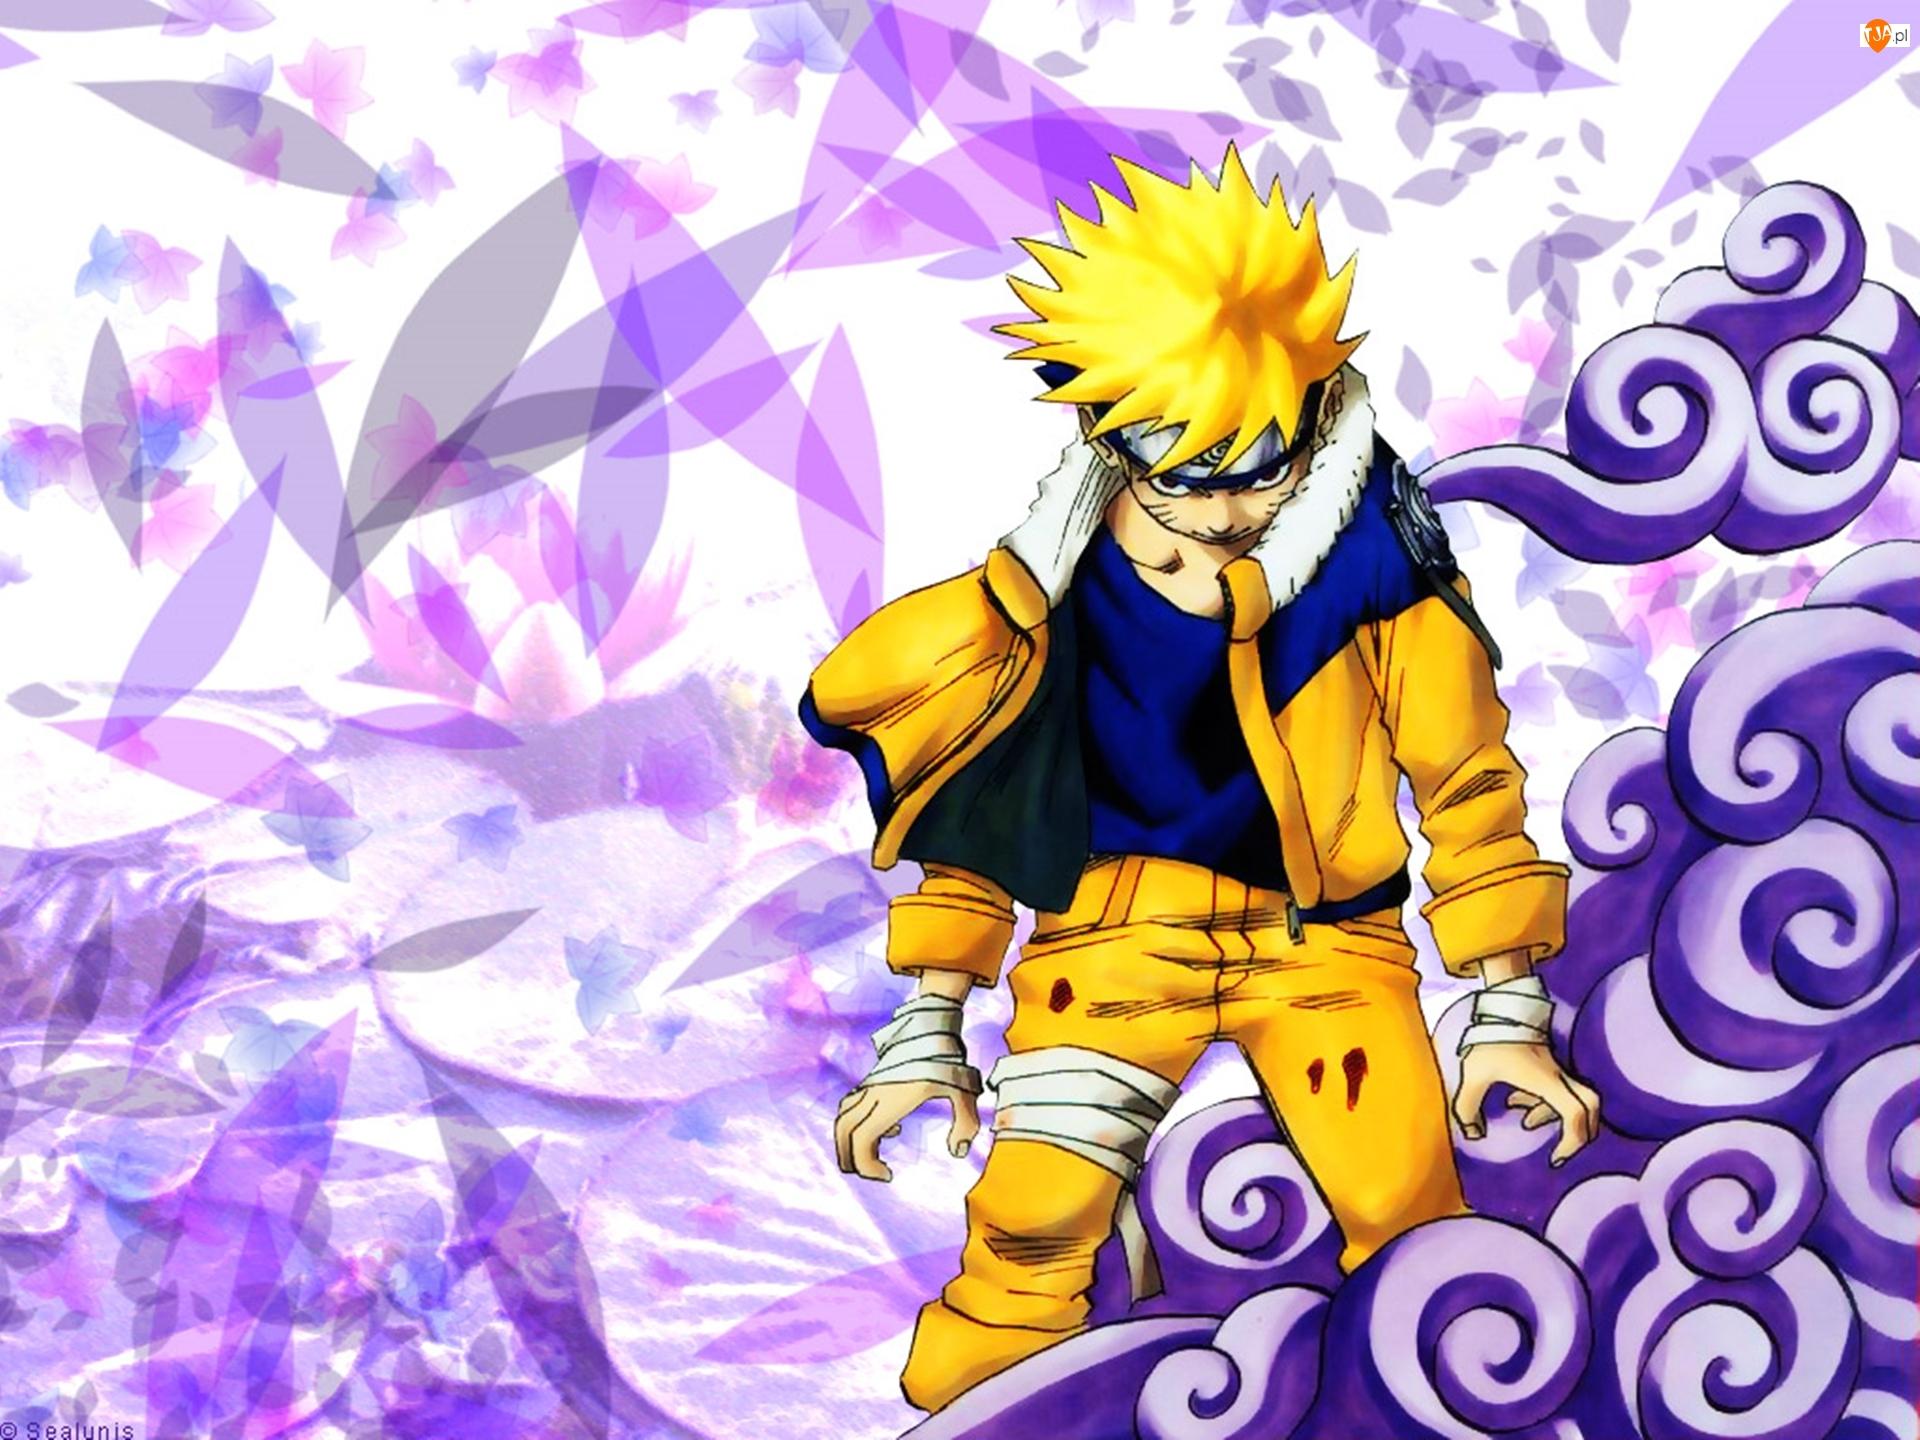 fioletowe tło, Naruto, żółty strój